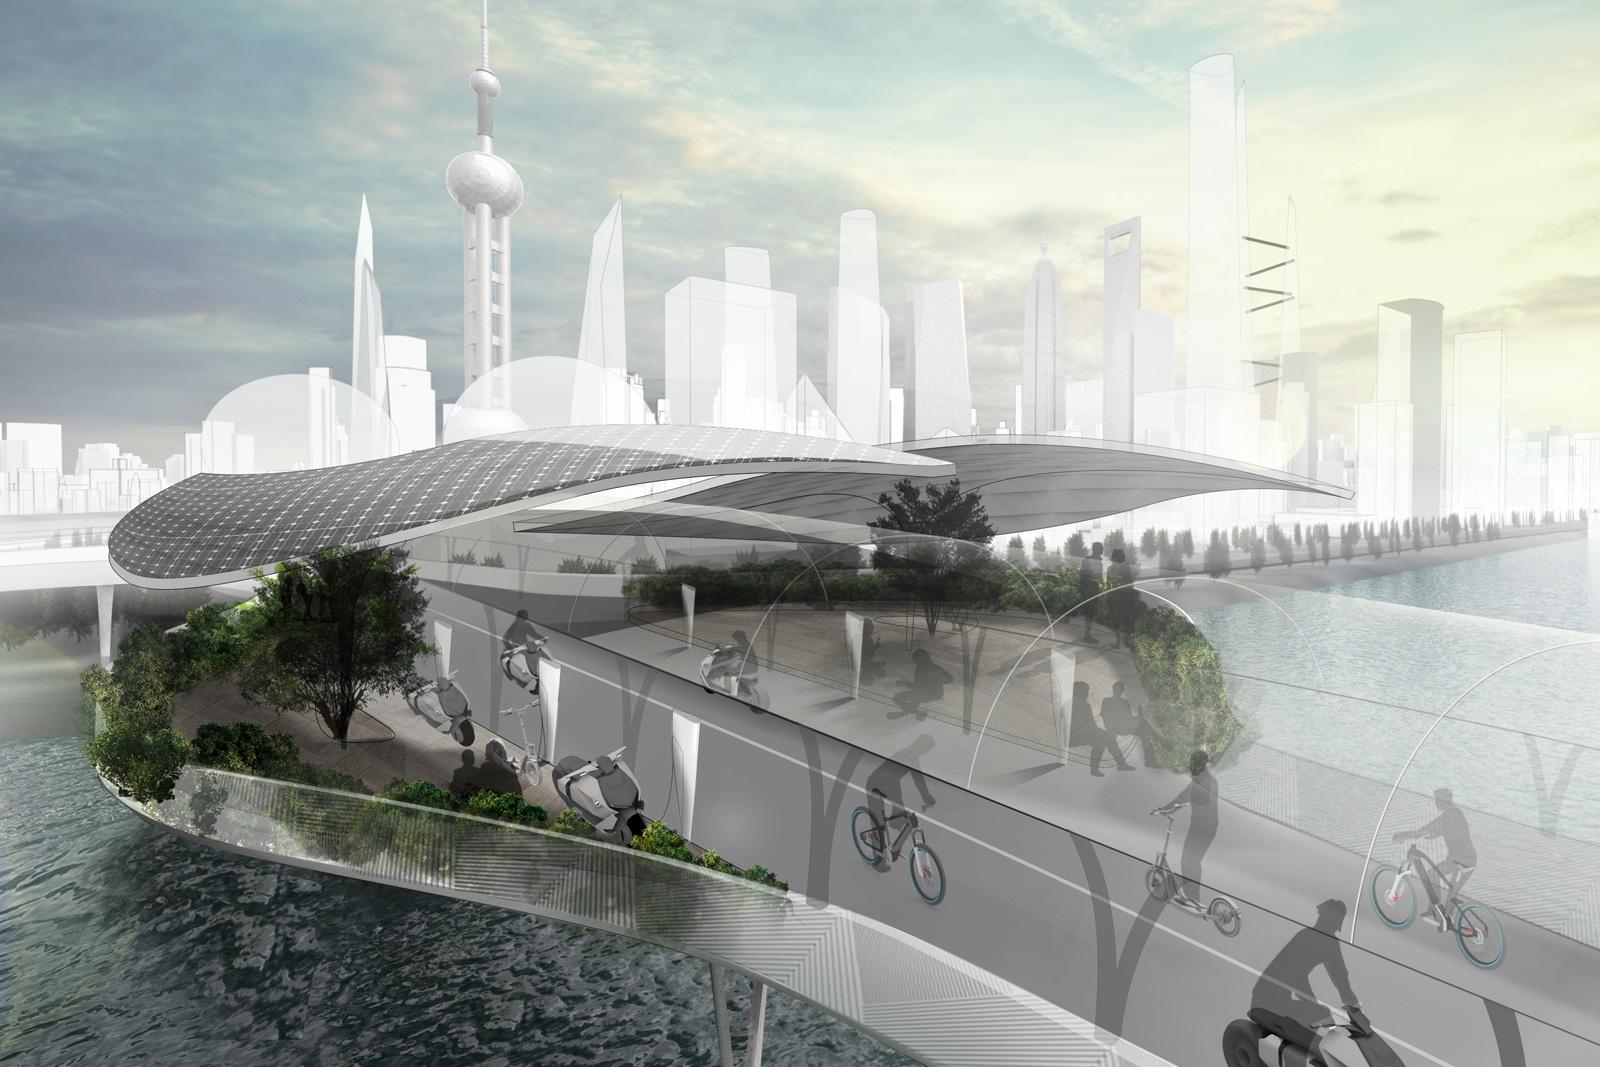 BMW espera que las calles de bicicletas eléctricas administradas por AI alivien el tráfico. Las ciudades podrían cambiar ahora que las bicicletas eléctricas se están volviendo más populares.